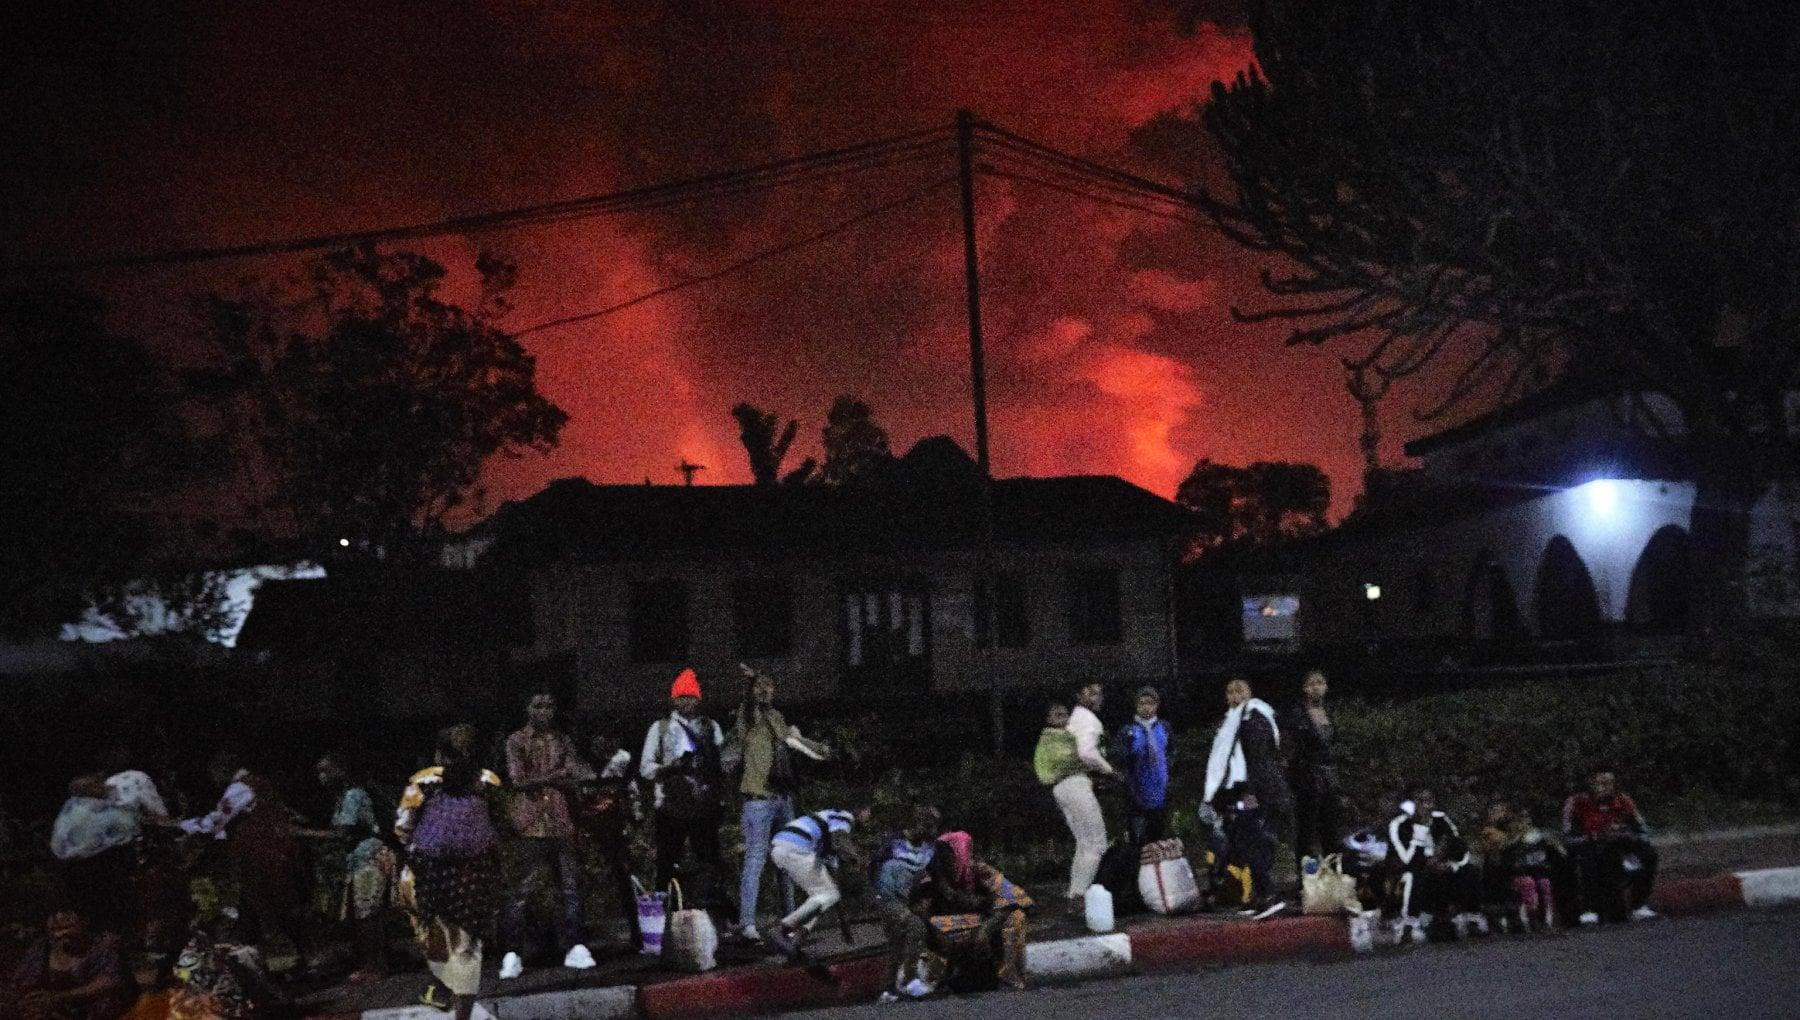 221338601 1275aa42 83c5 467e 970c b497ef6c91ad - Congo, si risveglia il vulcano del Virunga. Panico tra la popolazione, evacuata la città di Goma